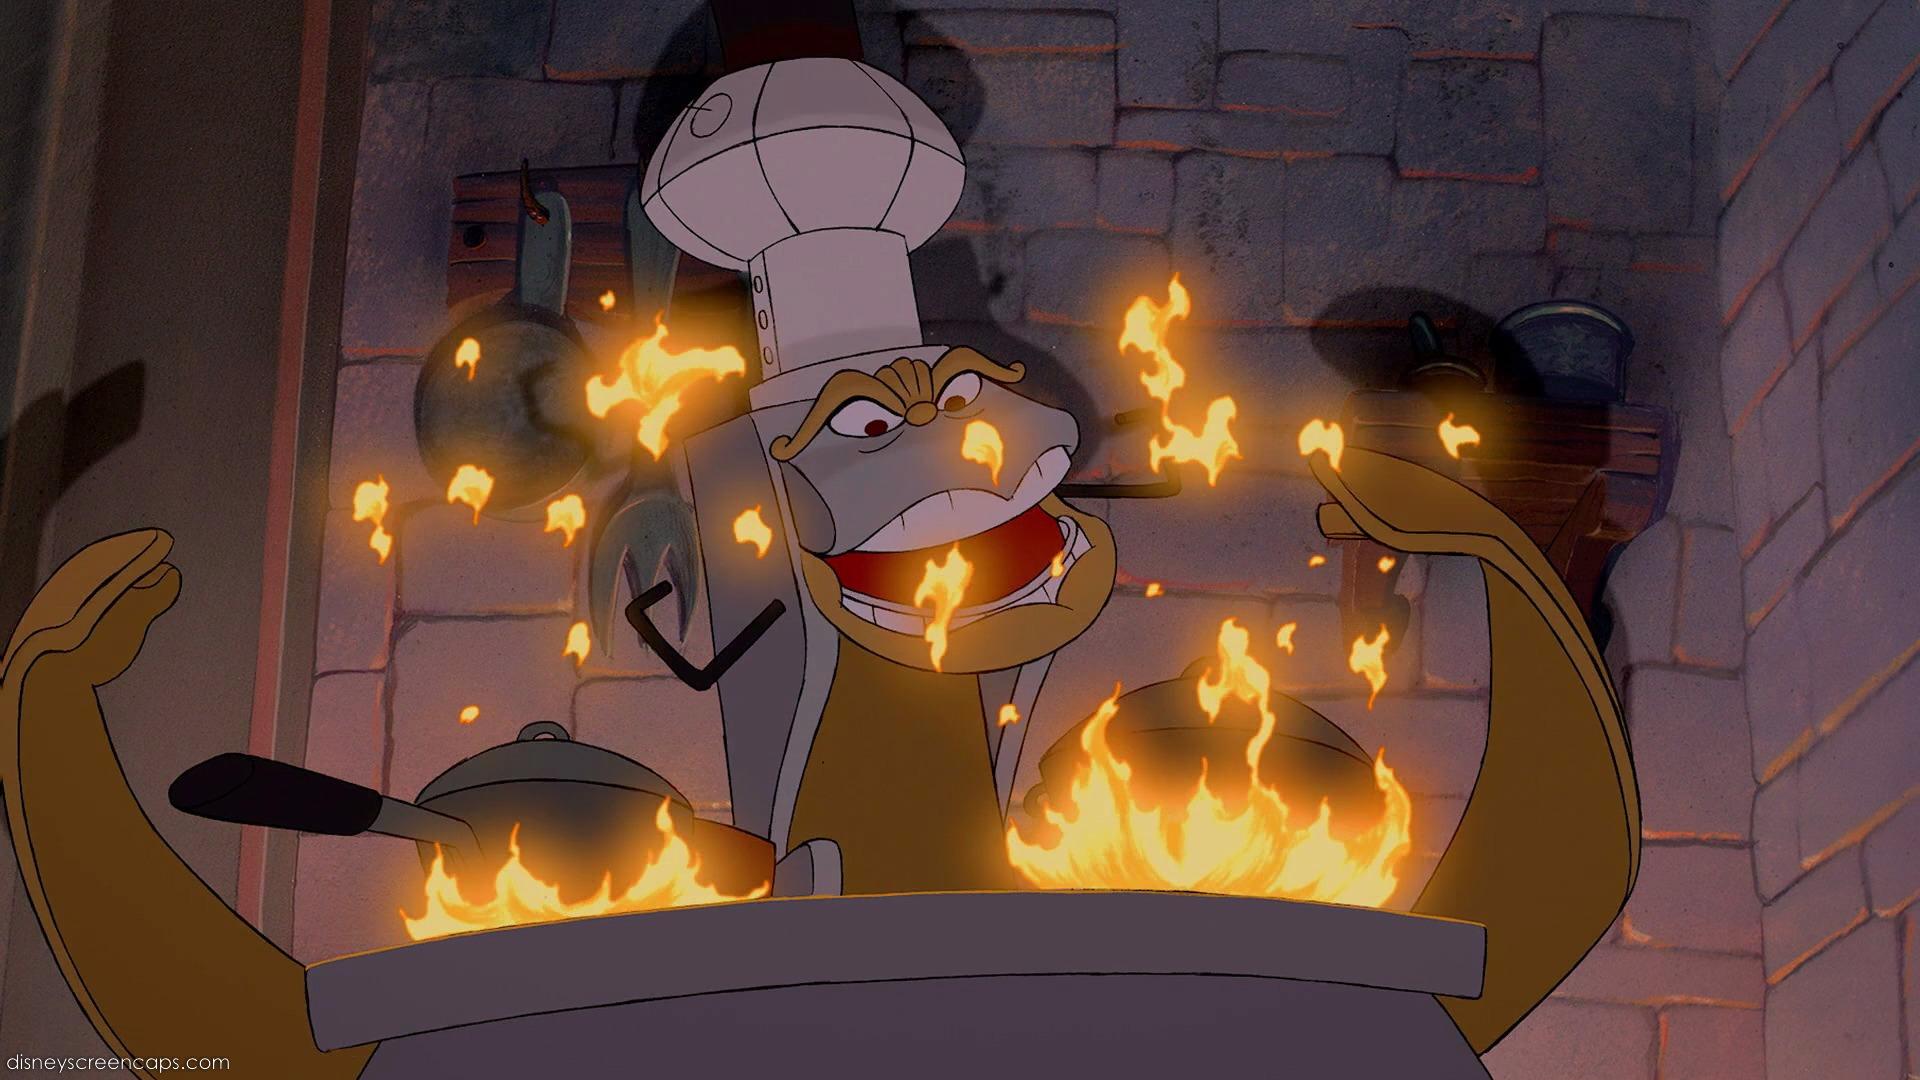 Chef Bouche Disney Wiki Fandom Powered By Wikia